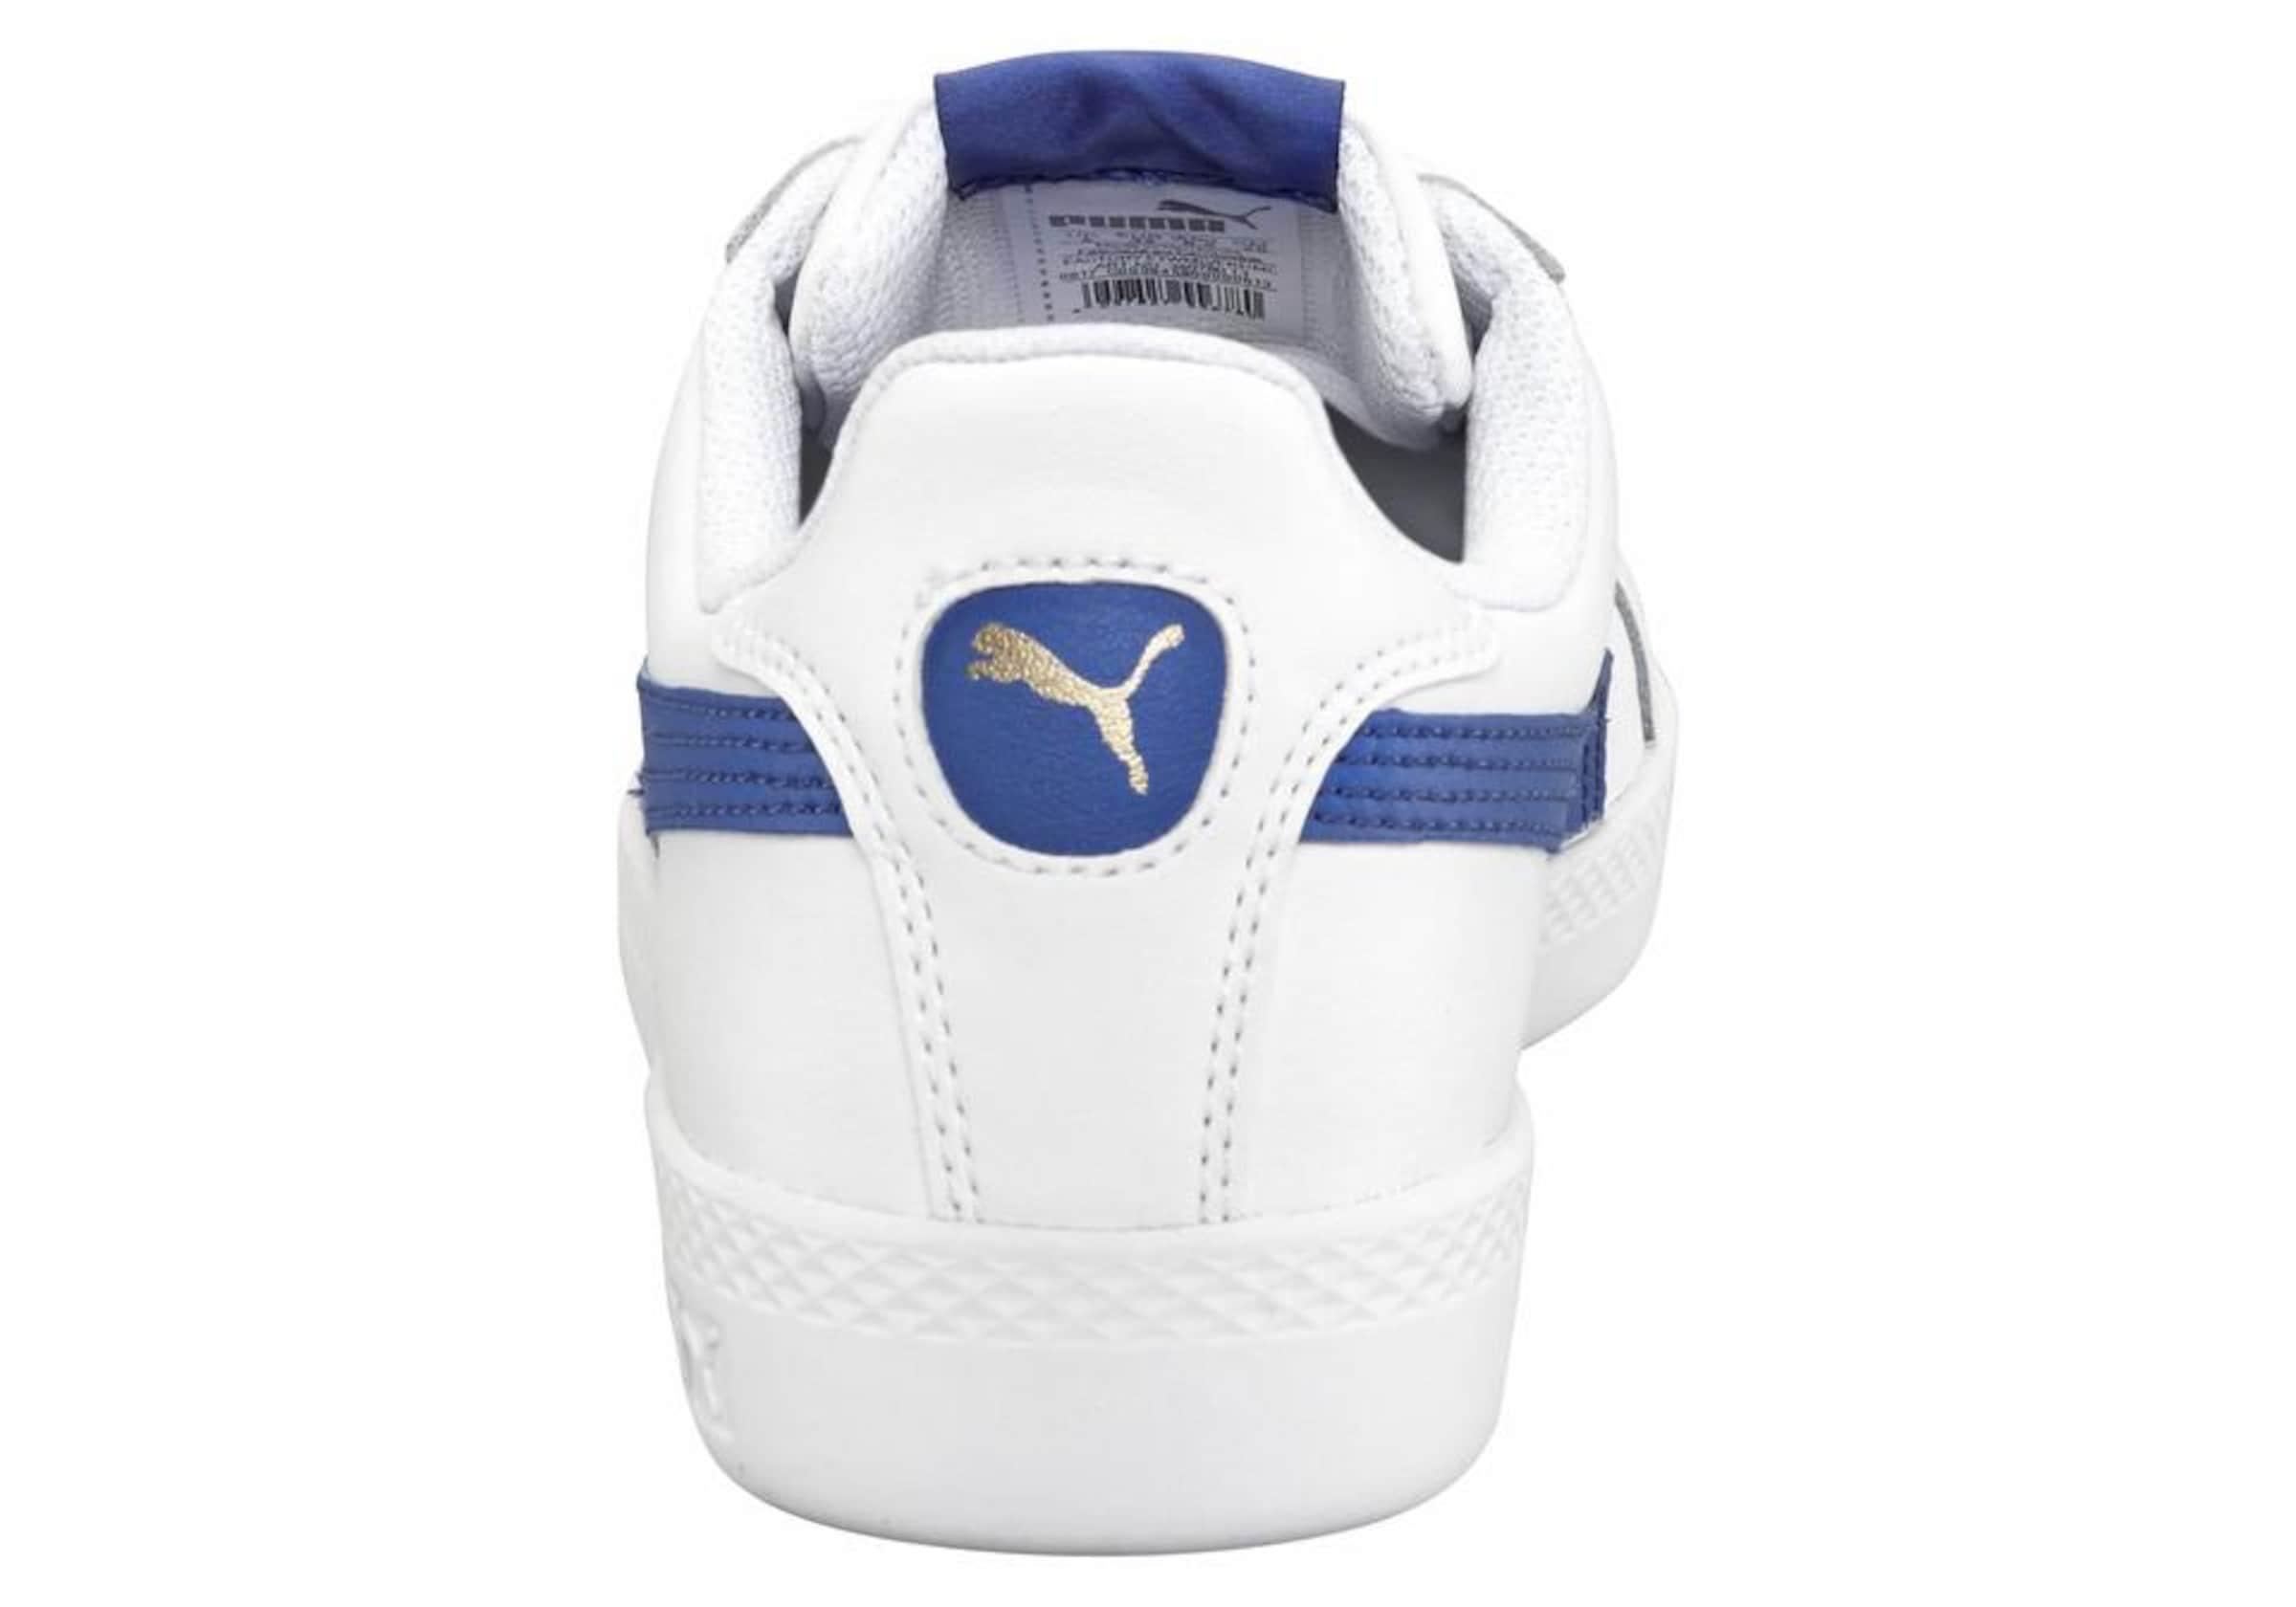 Wählen Sie Einen Besten Günstigen Preis PUMA 'Smash Womens L' Sneakers Spielraum Zahlung Mit Visa Outlet Rabatte Gutes Angebot Einkaufen 6fG2nYU